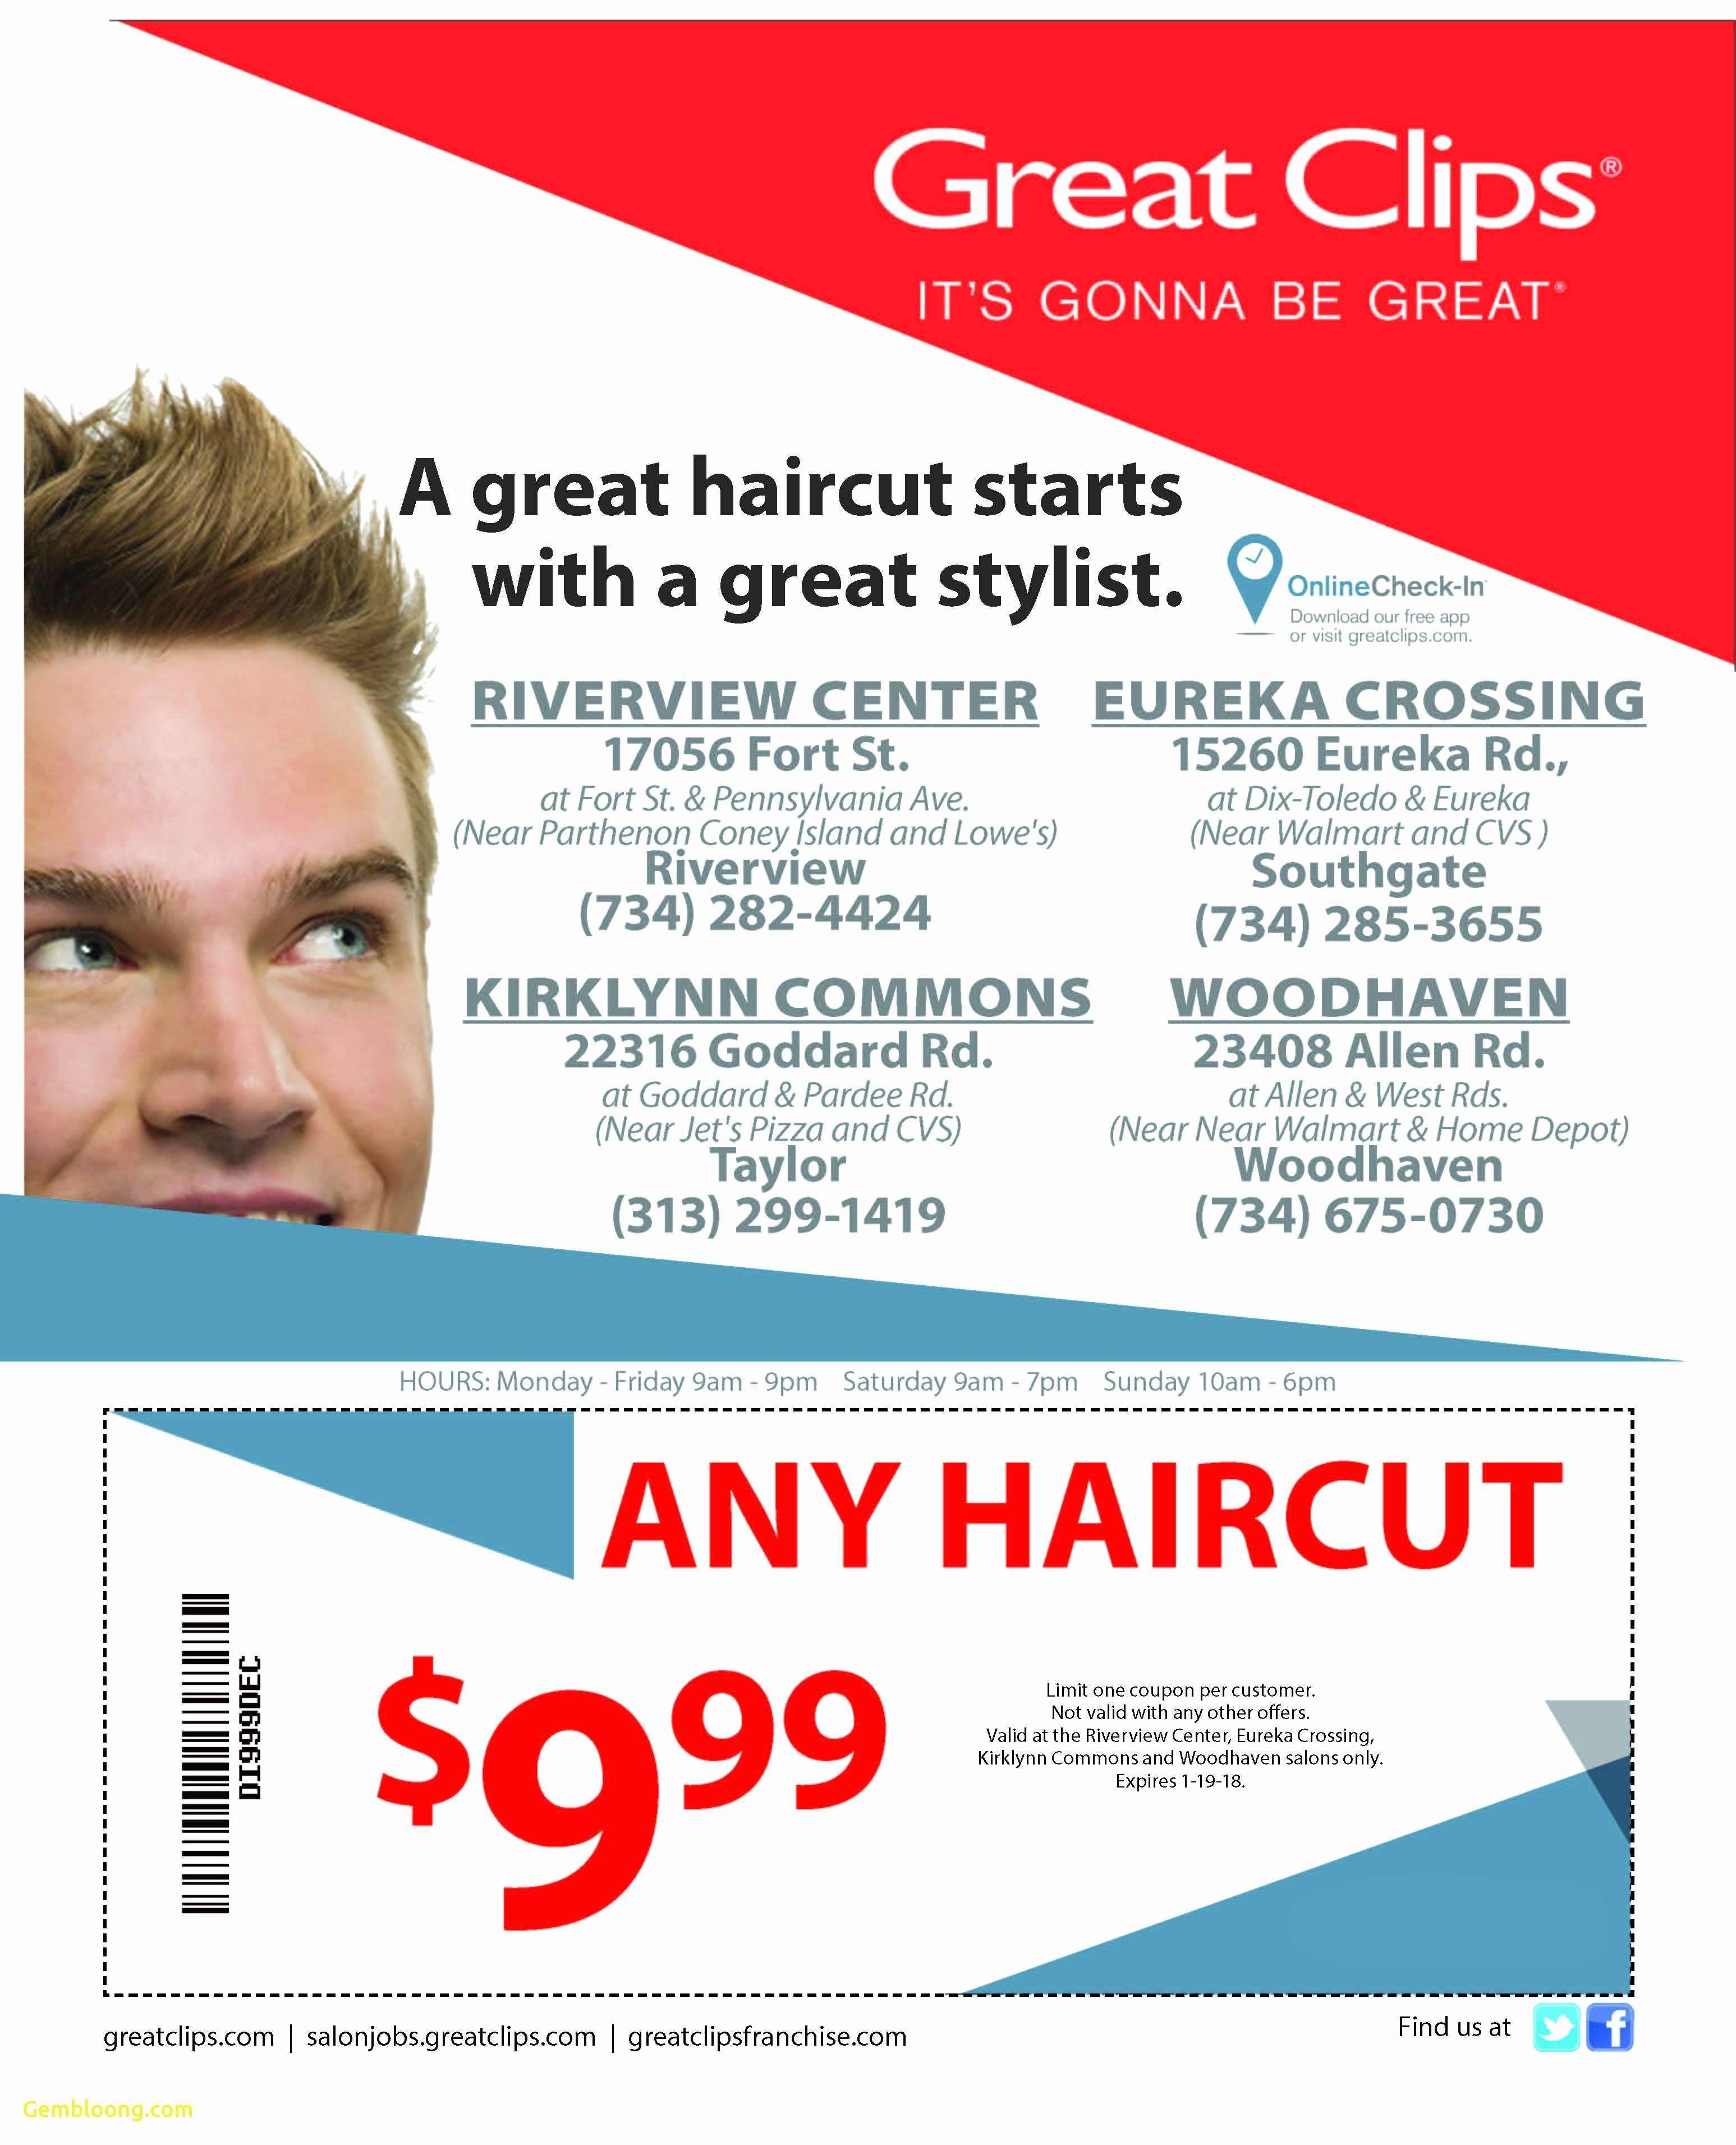 21 Sports Clips Free Haircut Printable Coupon | Hairstyles Ideas - Sports Clips Free Haircut Printable Coupon